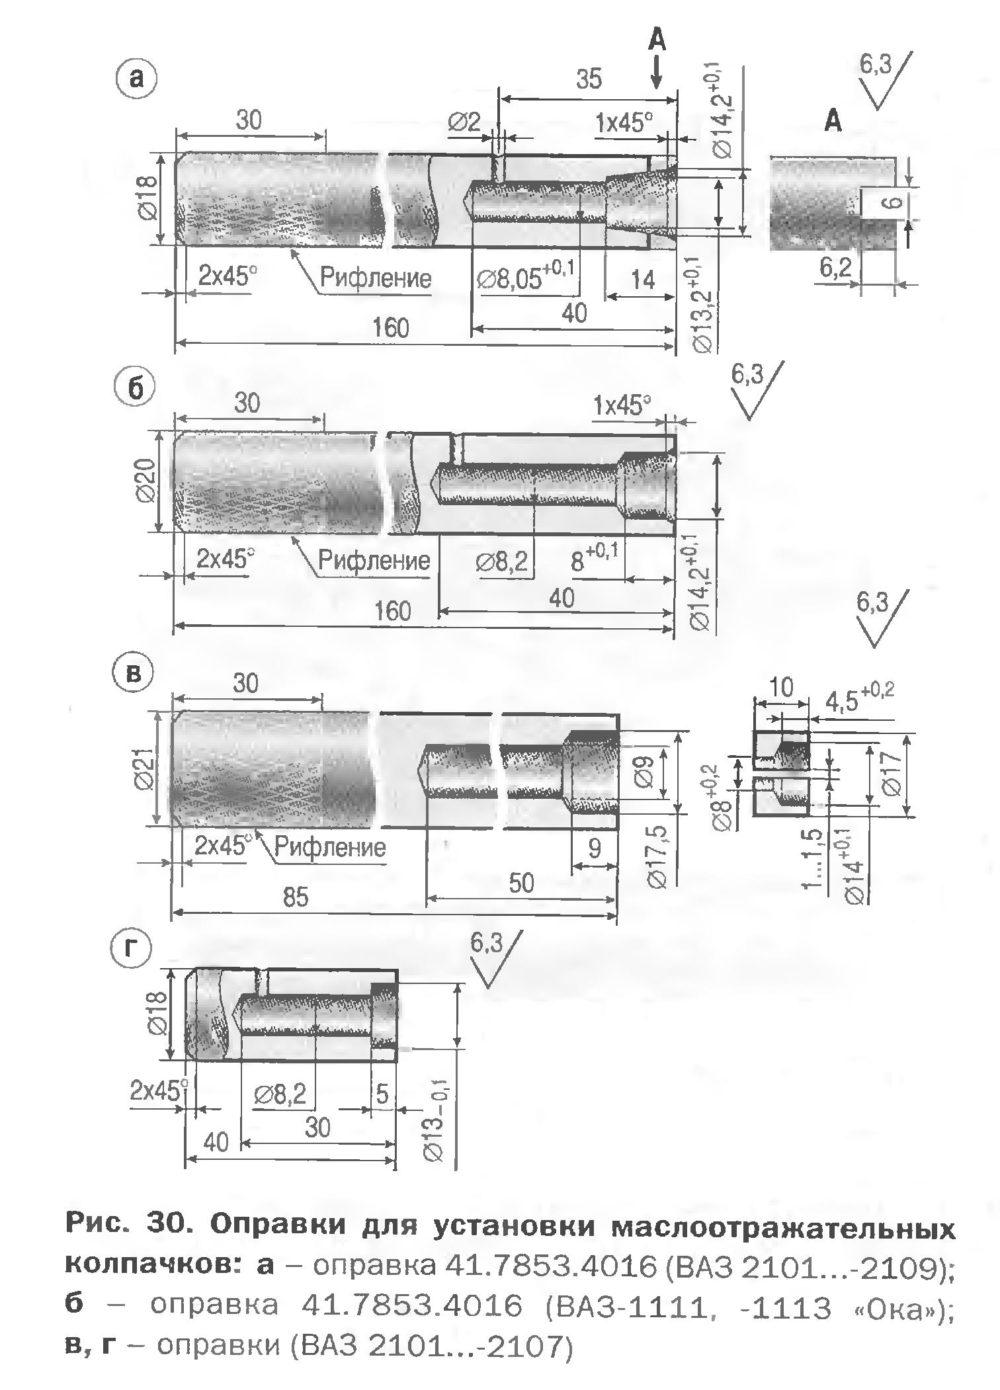 Оправки для установки маслоотражательных колпачков